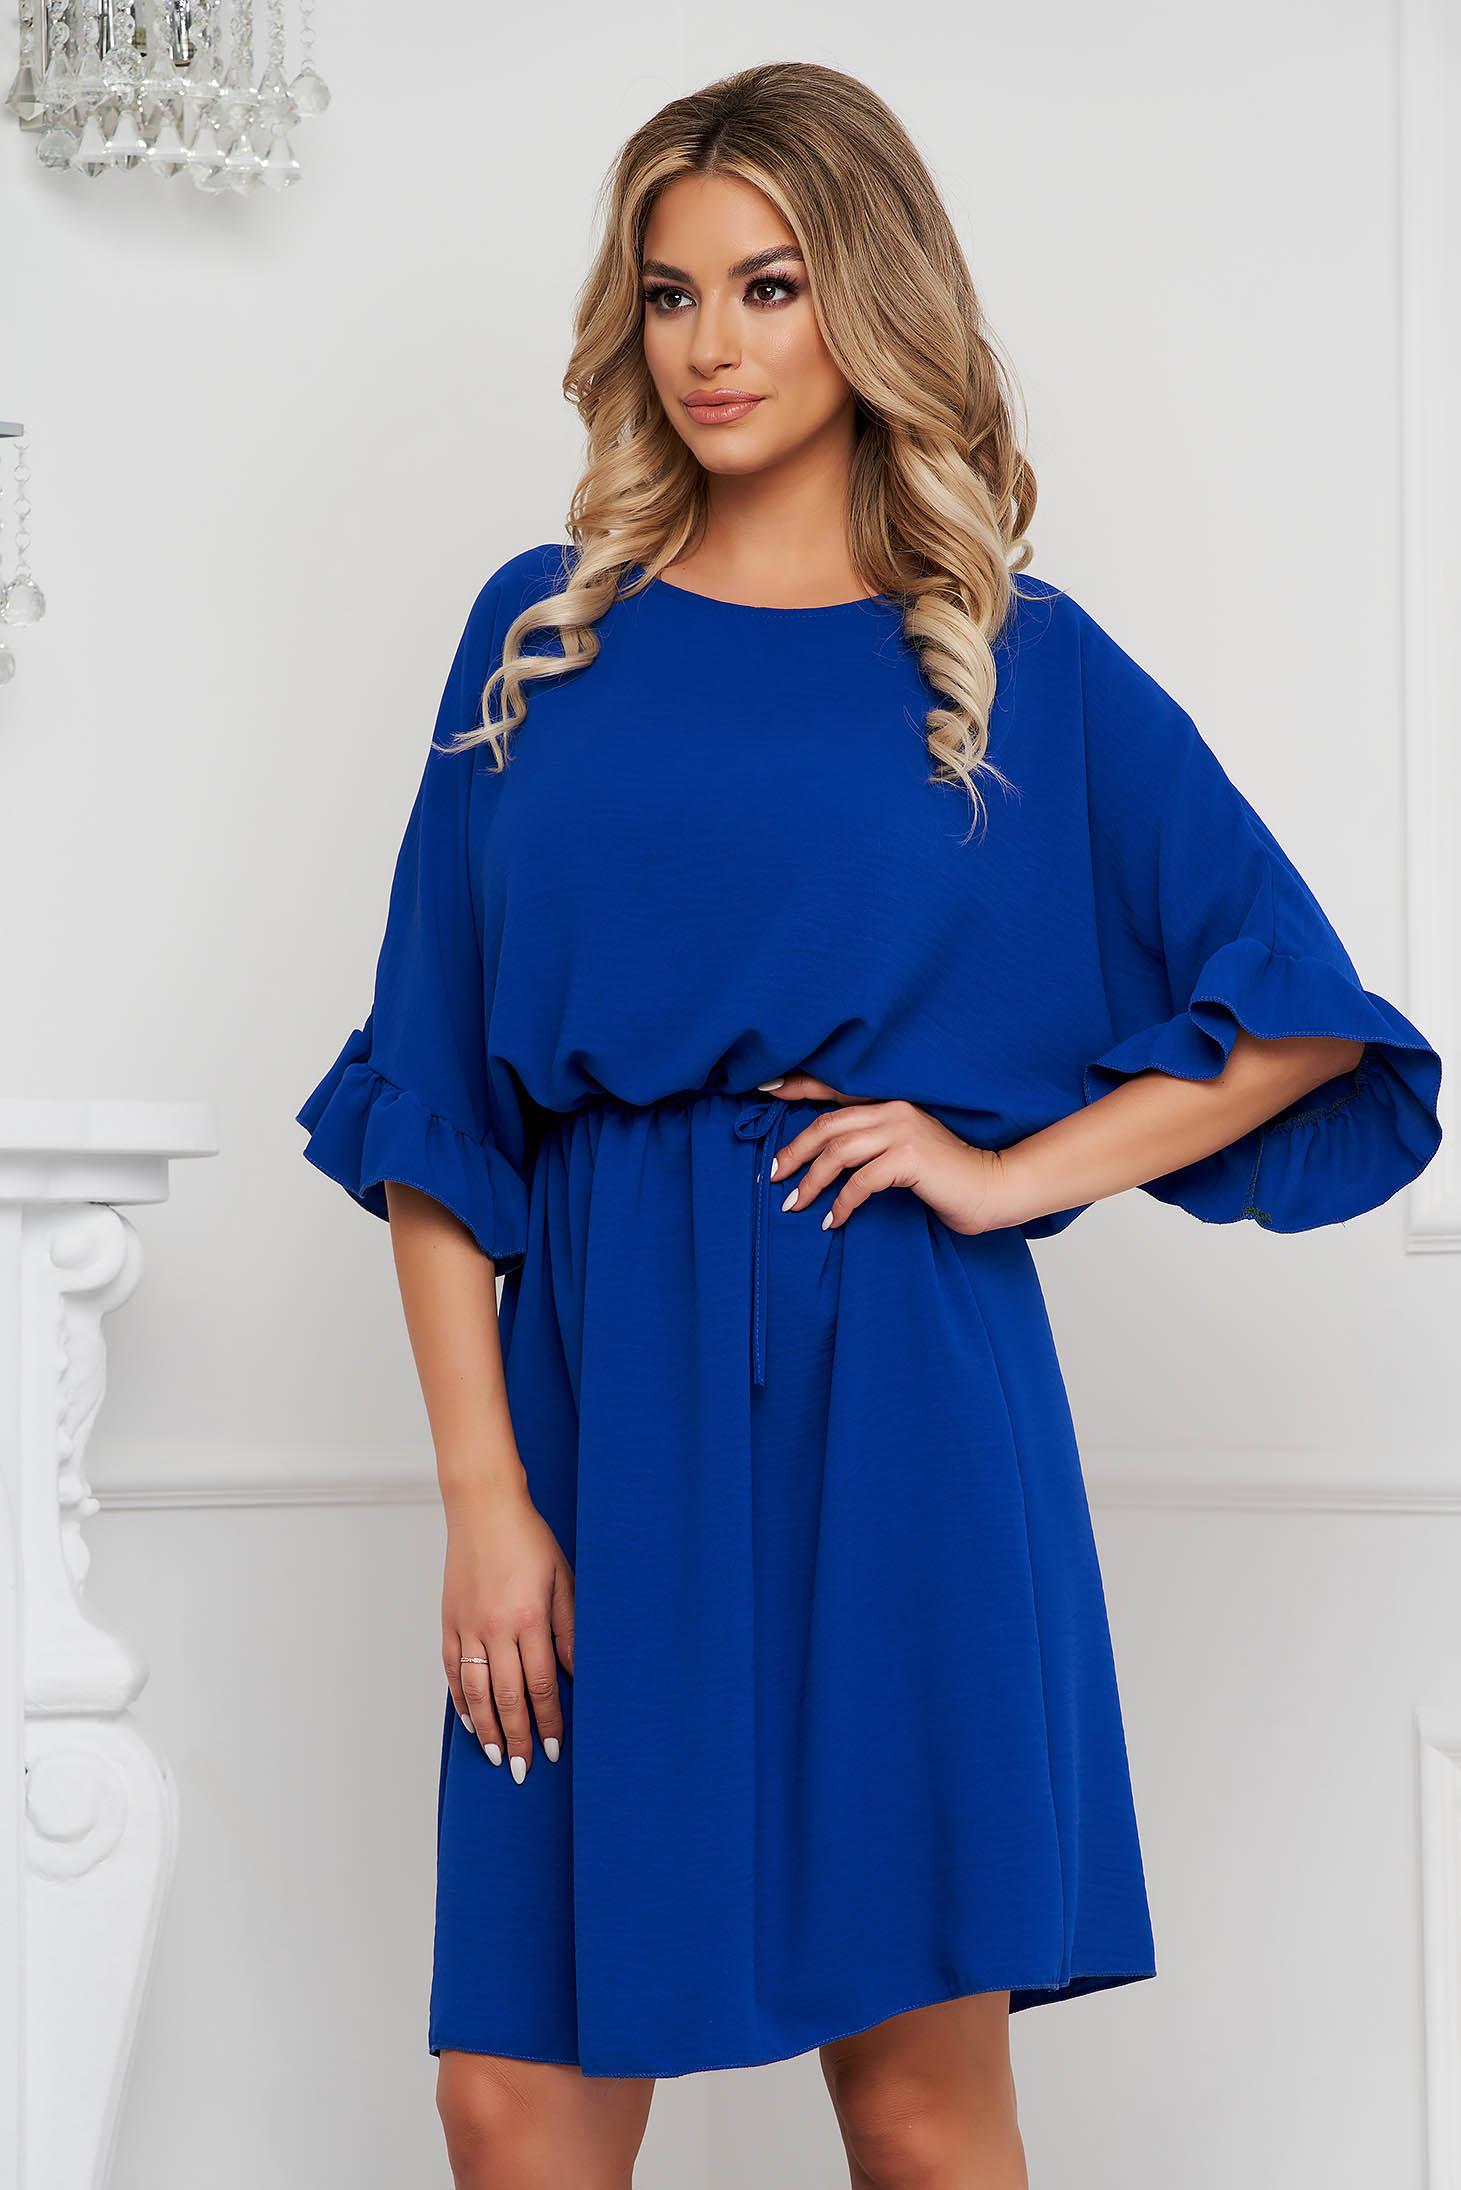 Kék rövid ruha harang alakú gumirozott derékrésszel vékony anyagból fodros ujjakkal